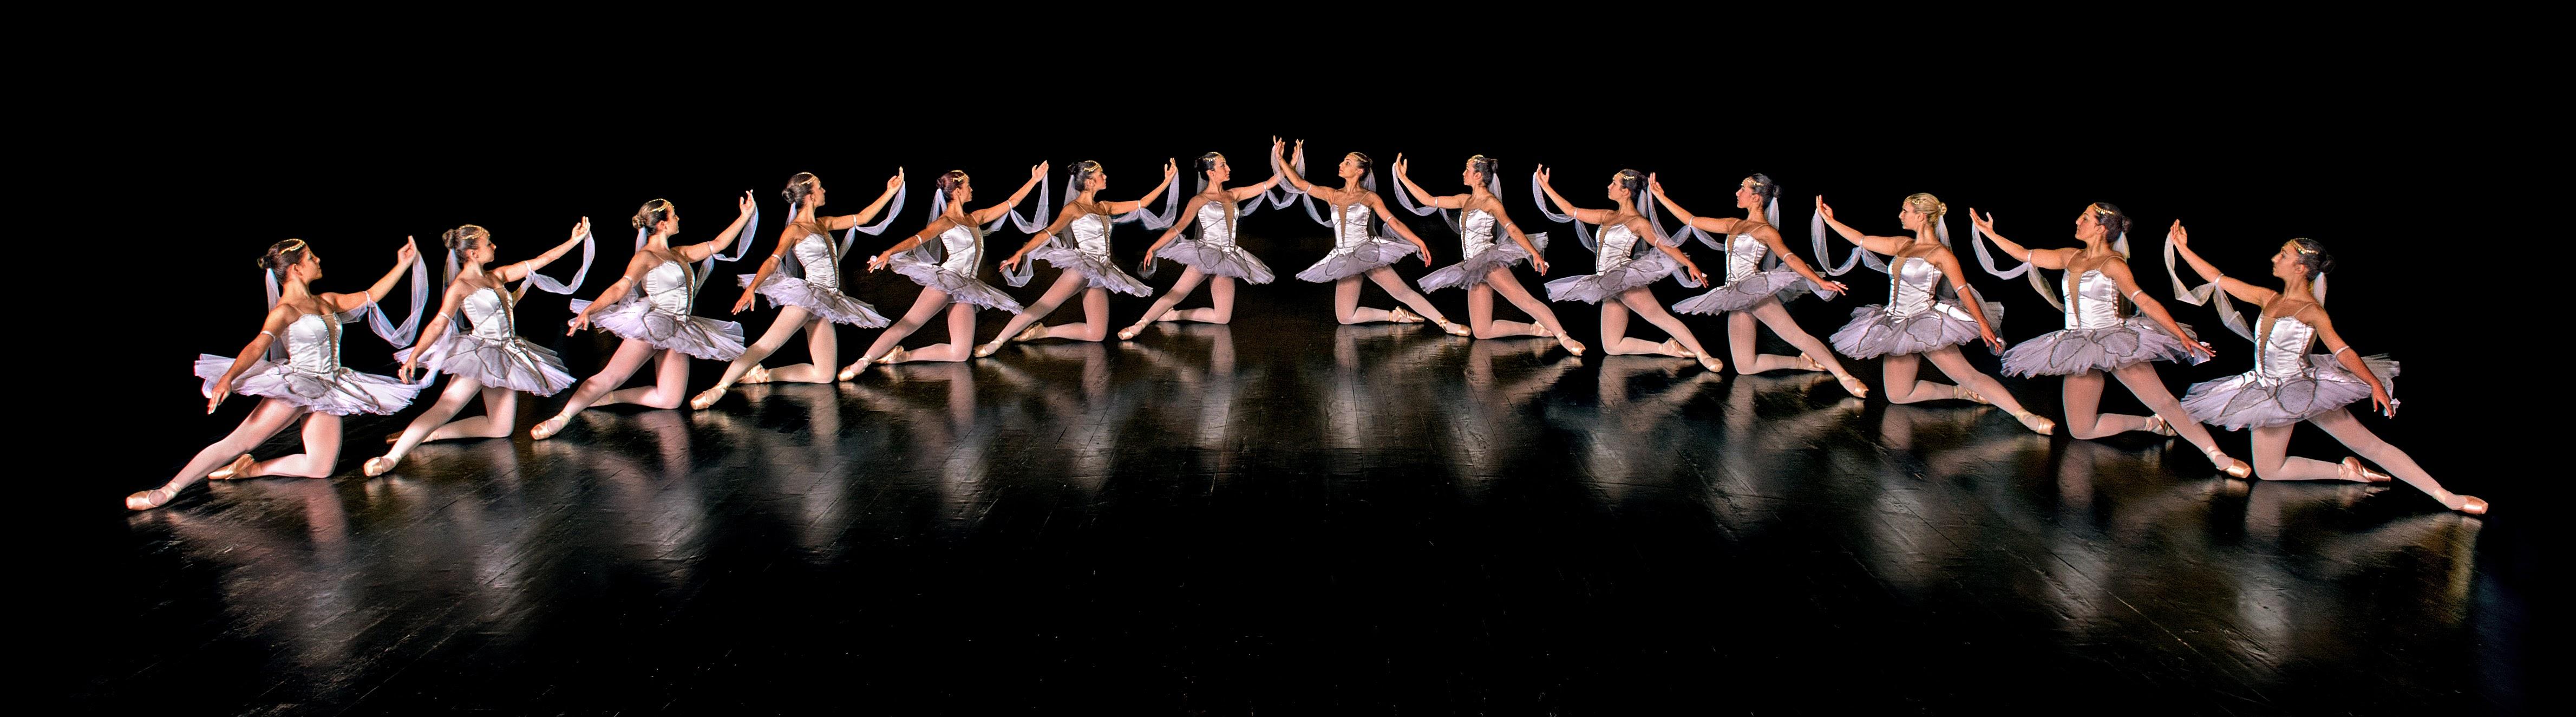 Ballet 0578